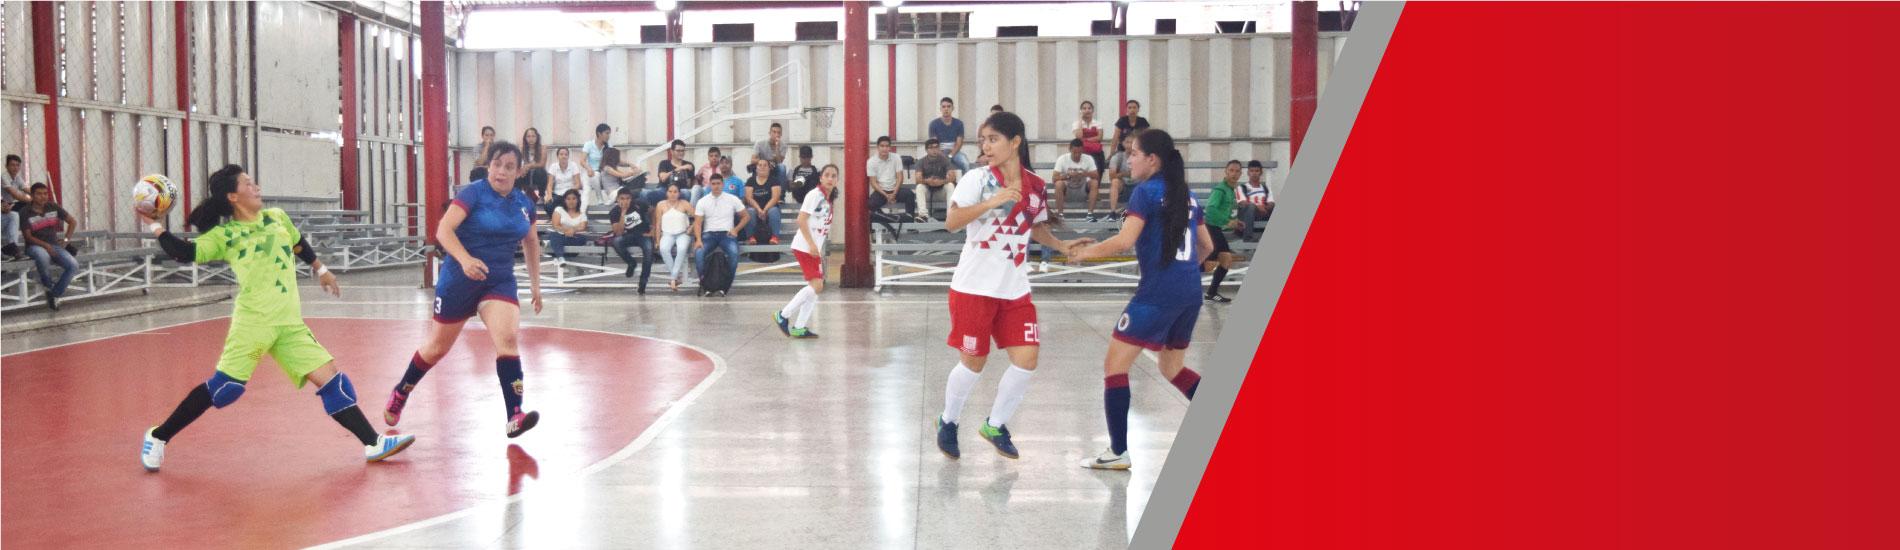 La UFPS Cúcuta clasificó todos los deportes a la fase Regional de los Juegos Universitarios ASCUN 2018